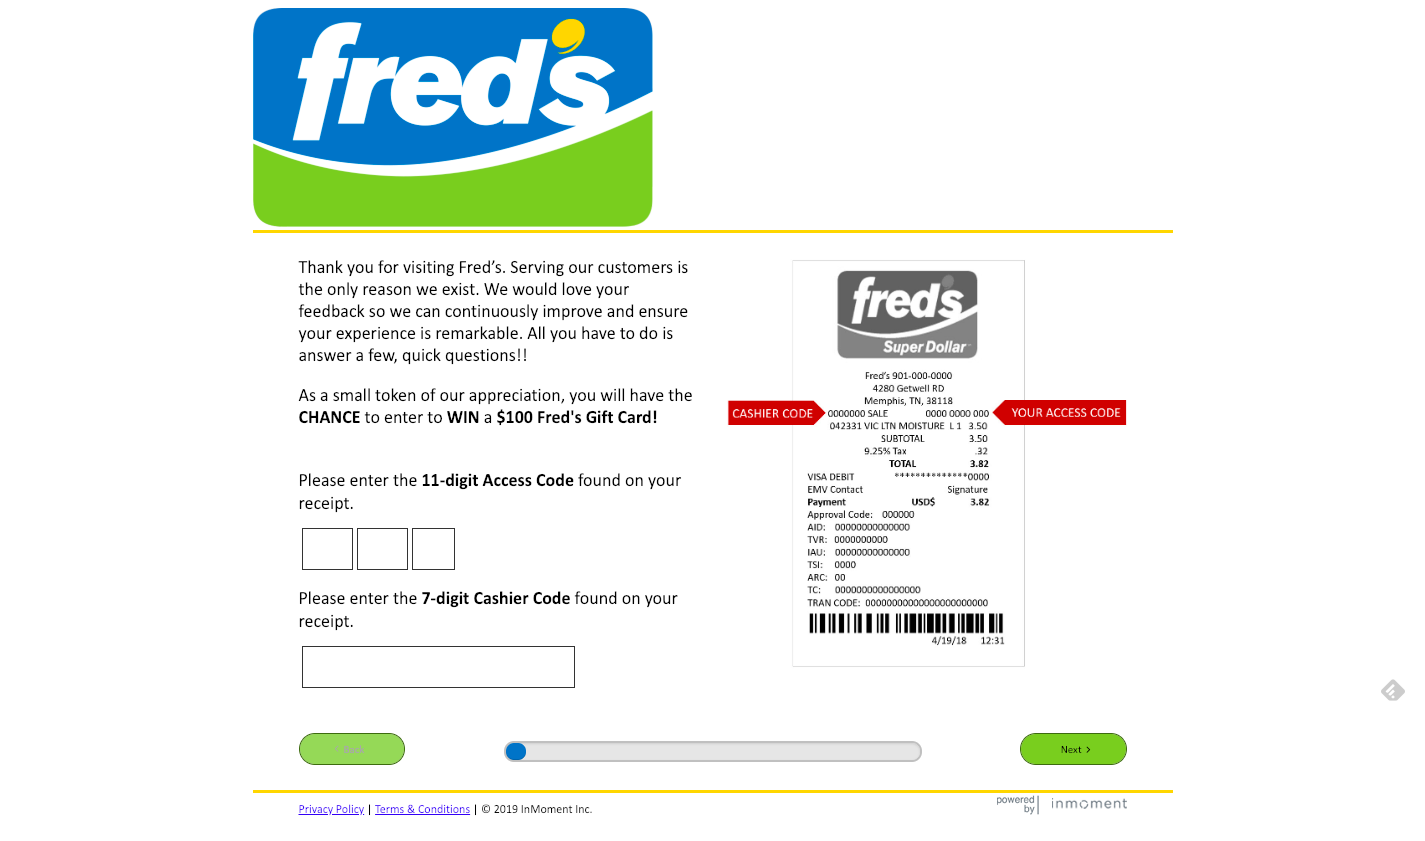 www fredsfeedback com - Take Fred's Feedback Survey to Win